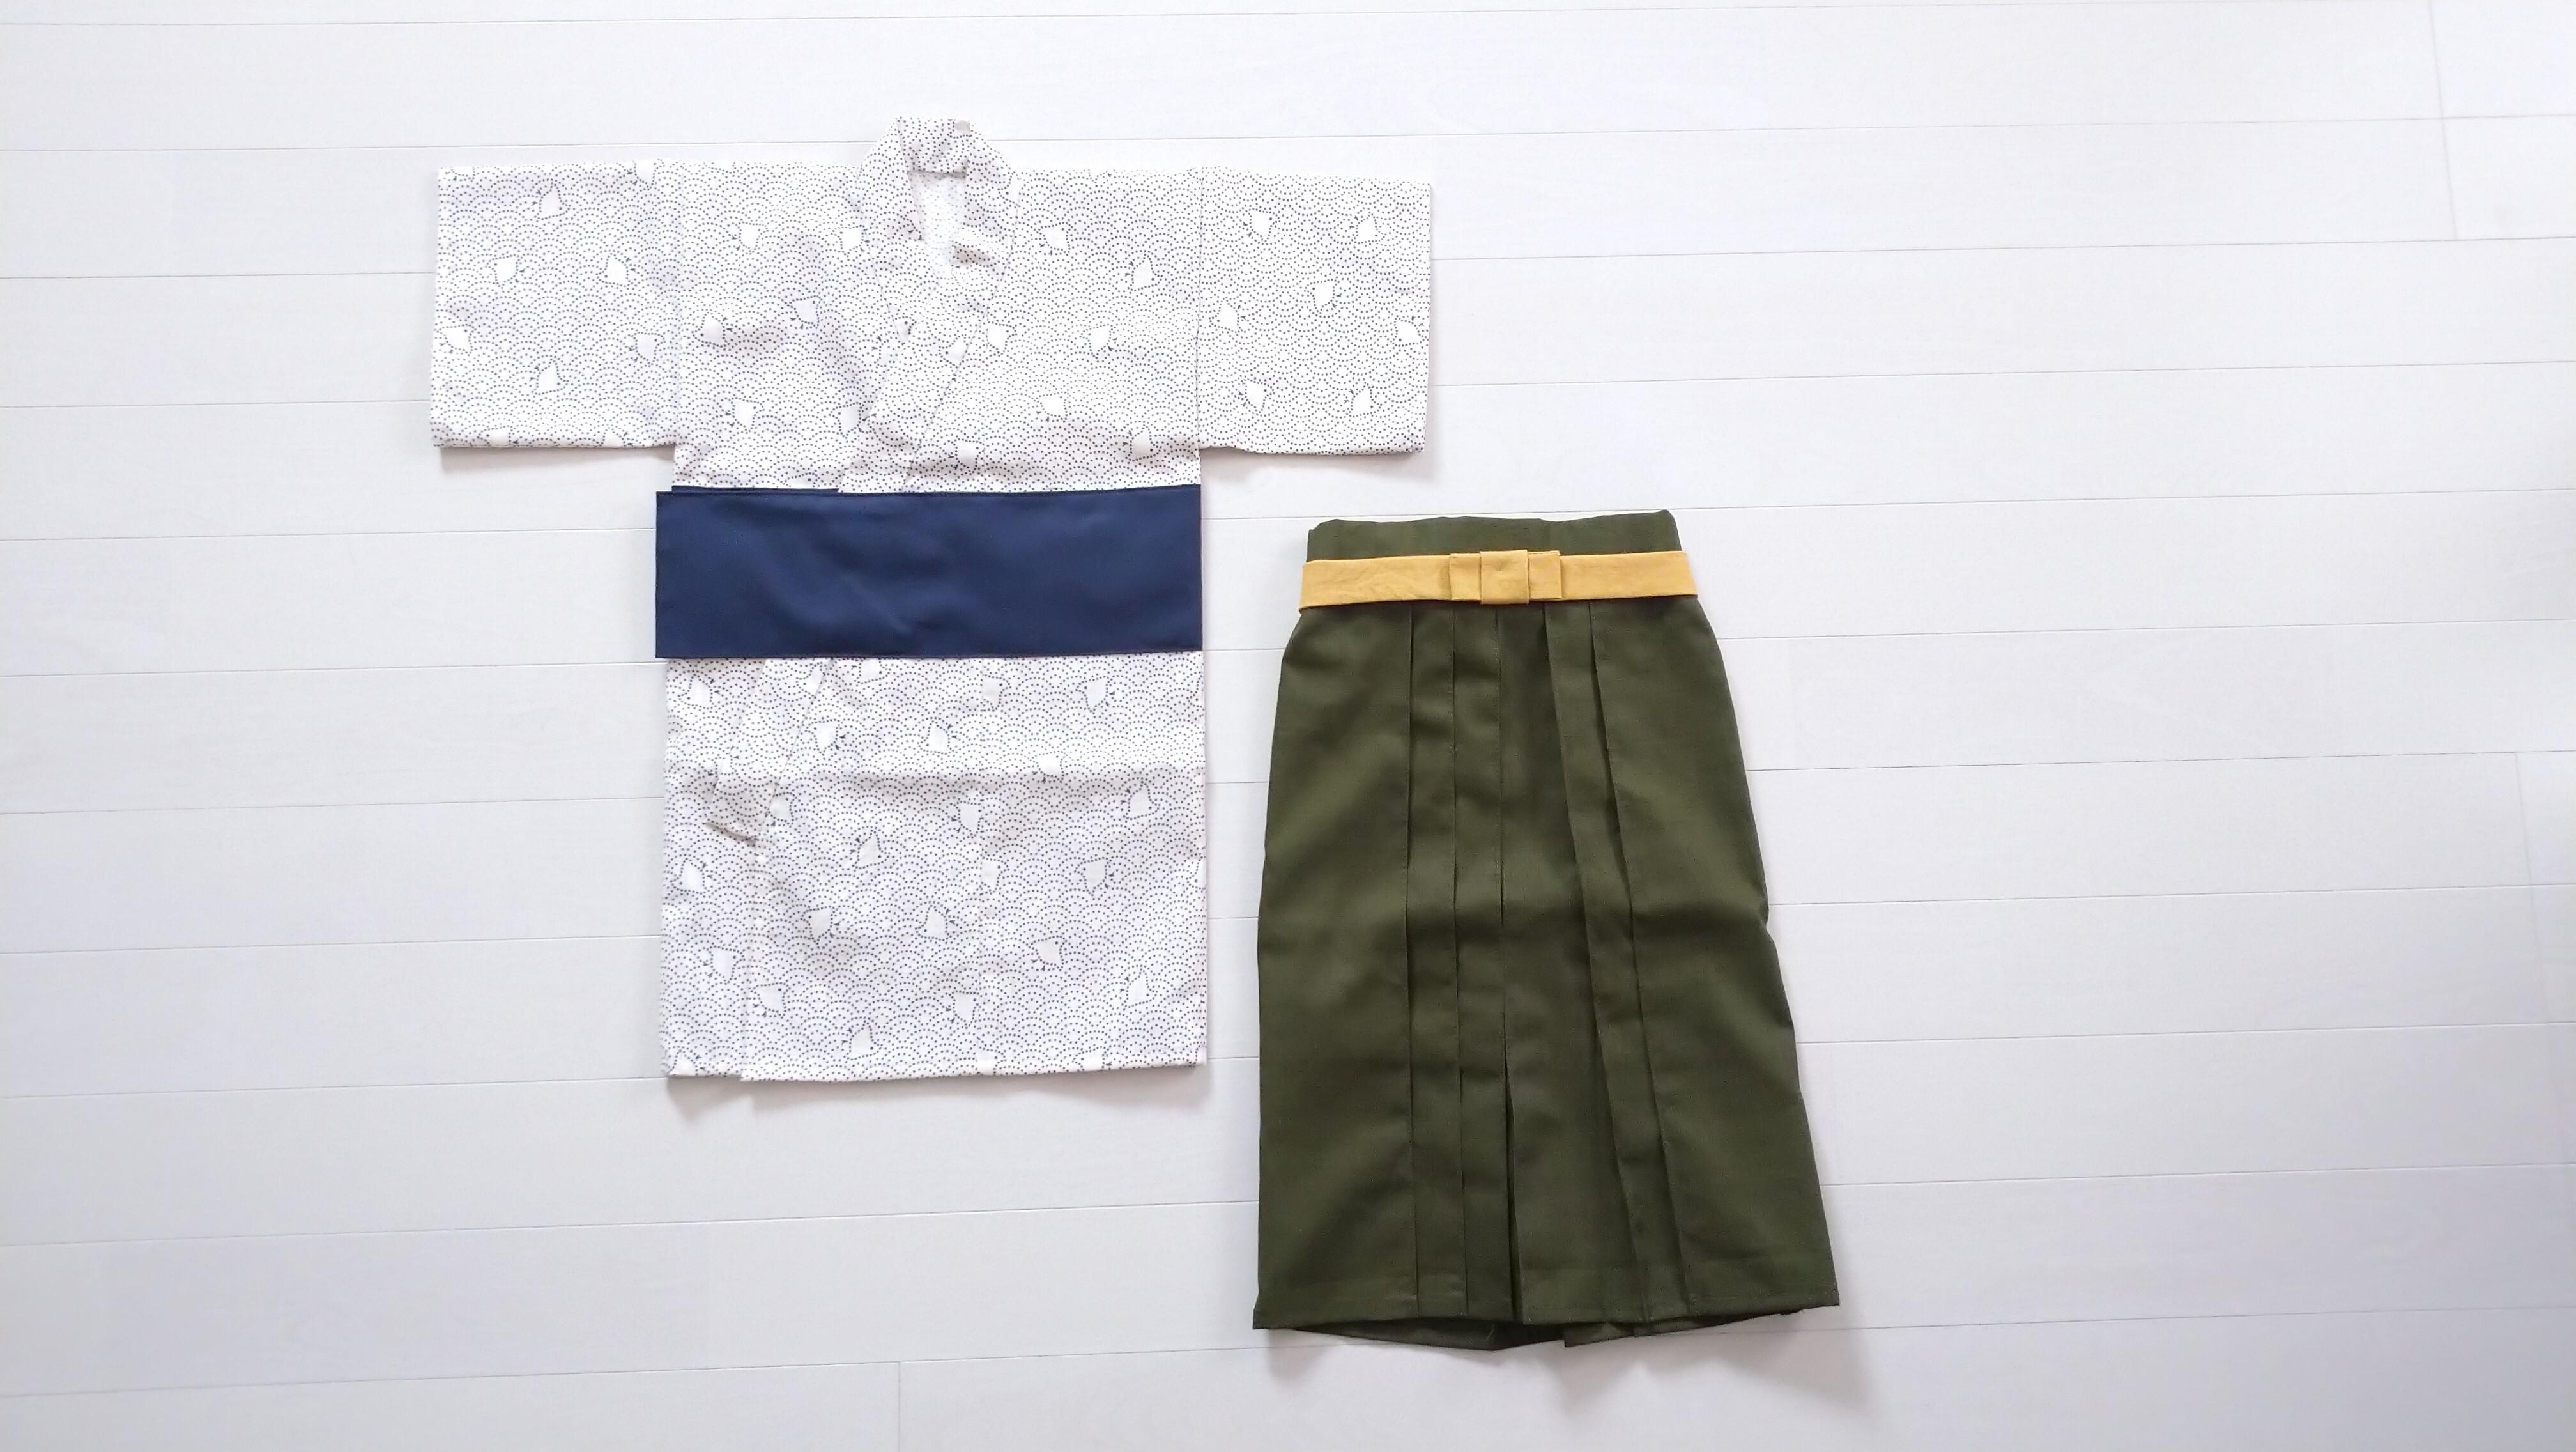 ファースト着物と袴のセット(千鳥青海波)